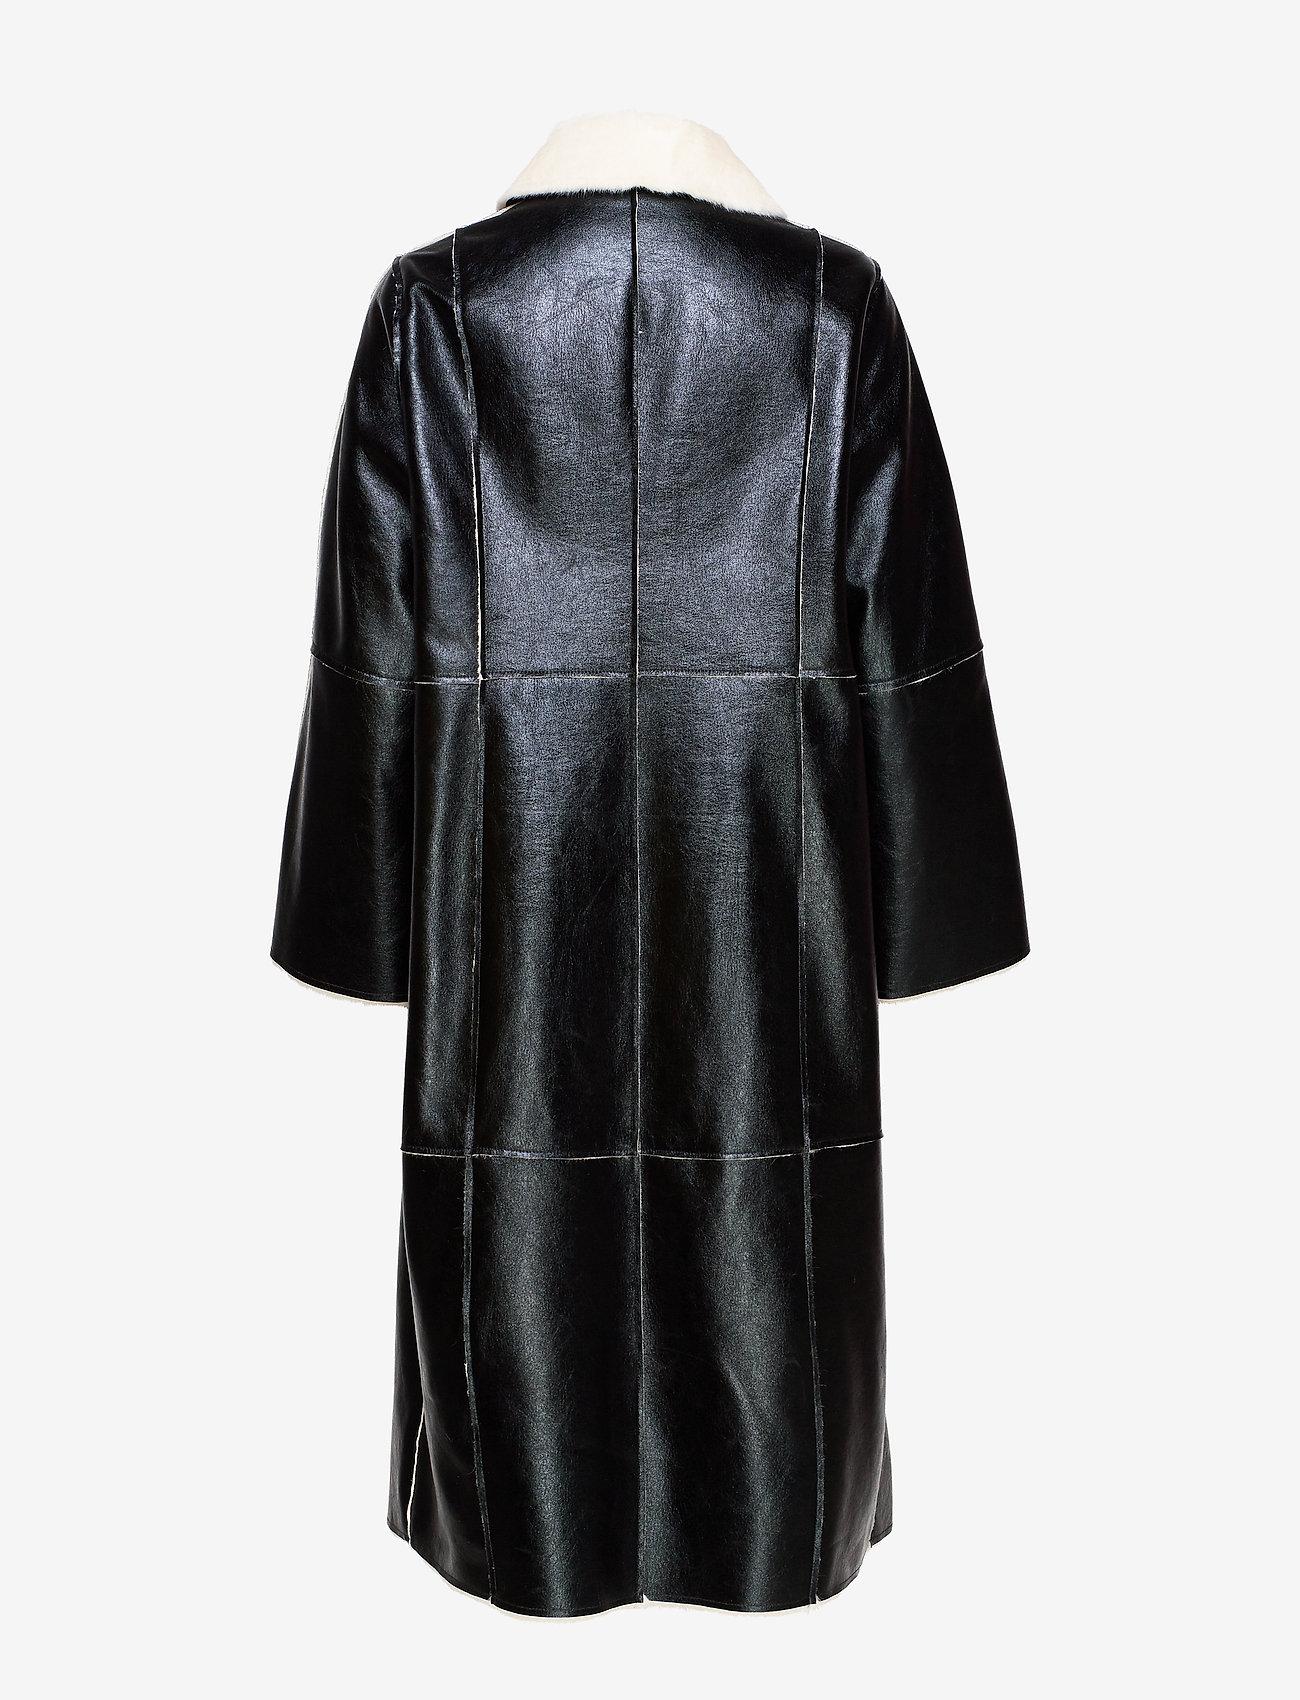 Nino Coat (Black/white) - Stand Studio JYUQe4